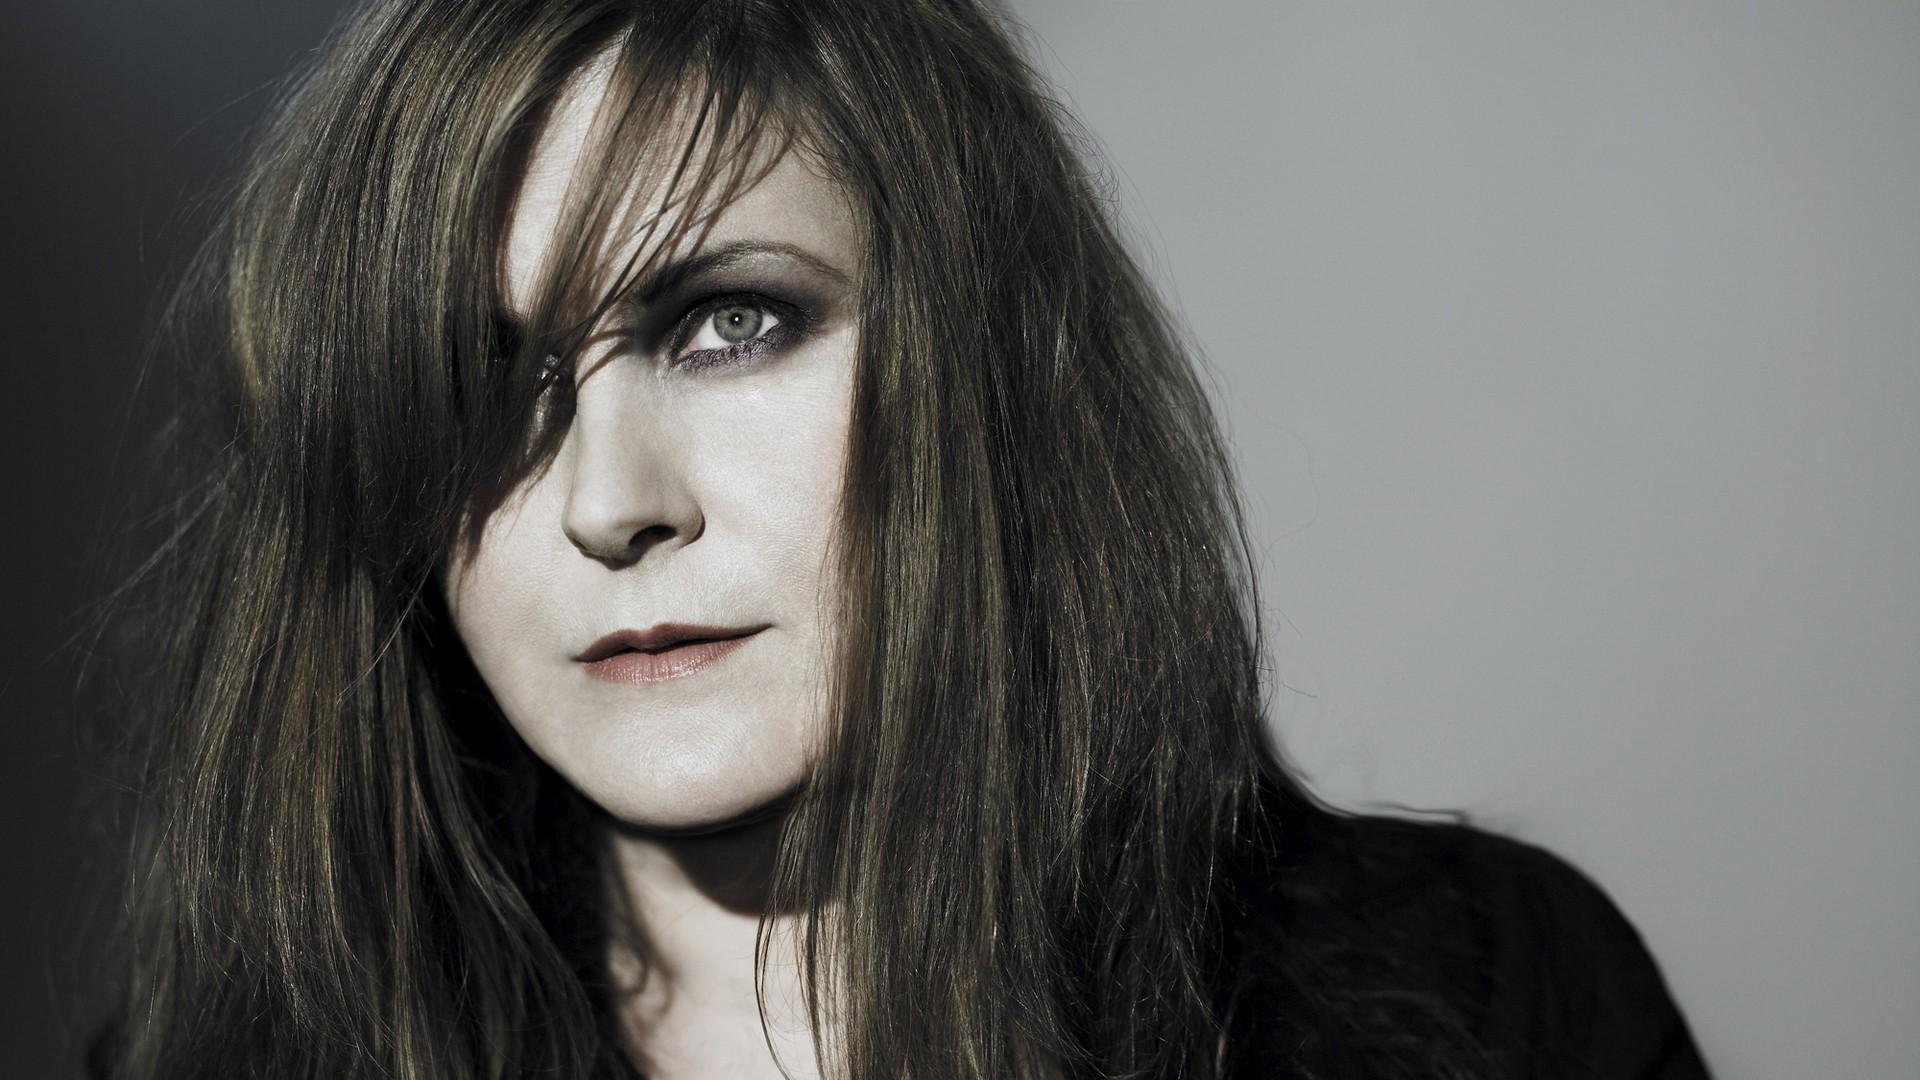 The Coventry Carol av Alison Moyet